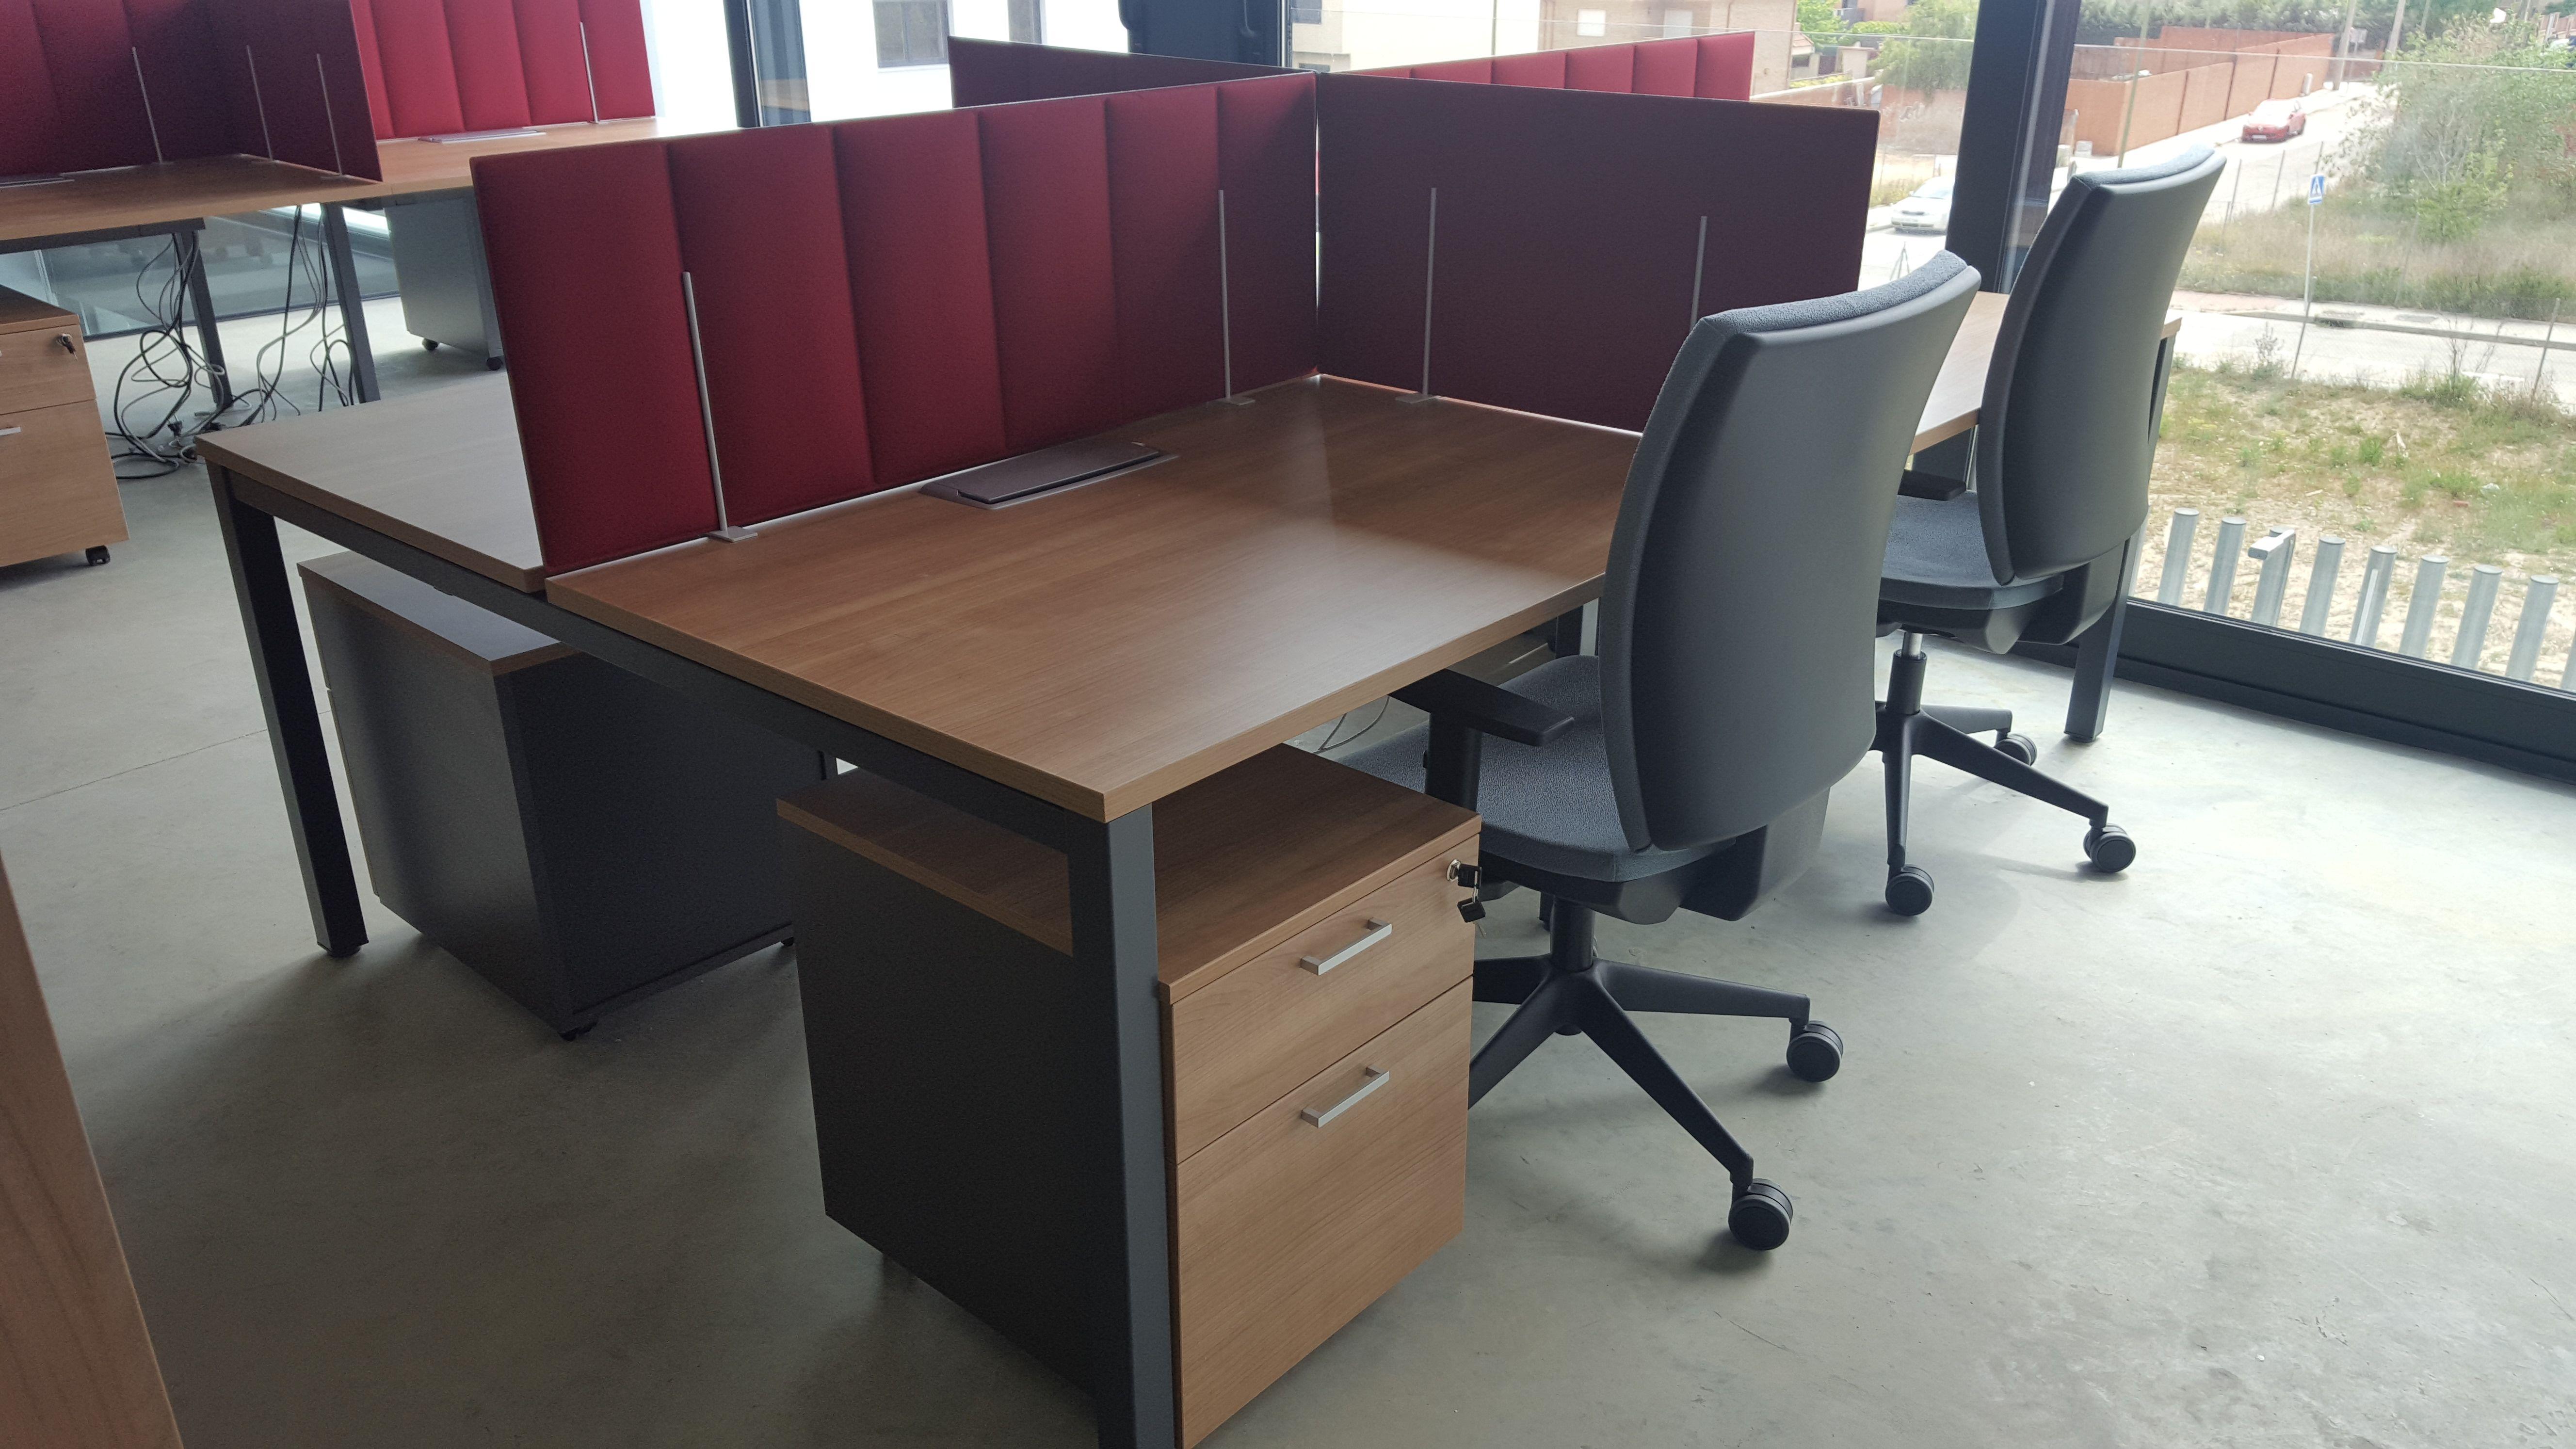 Foto 25 de Mobiliario de oficina en Fuenlabrada | Aroca Mobiliario